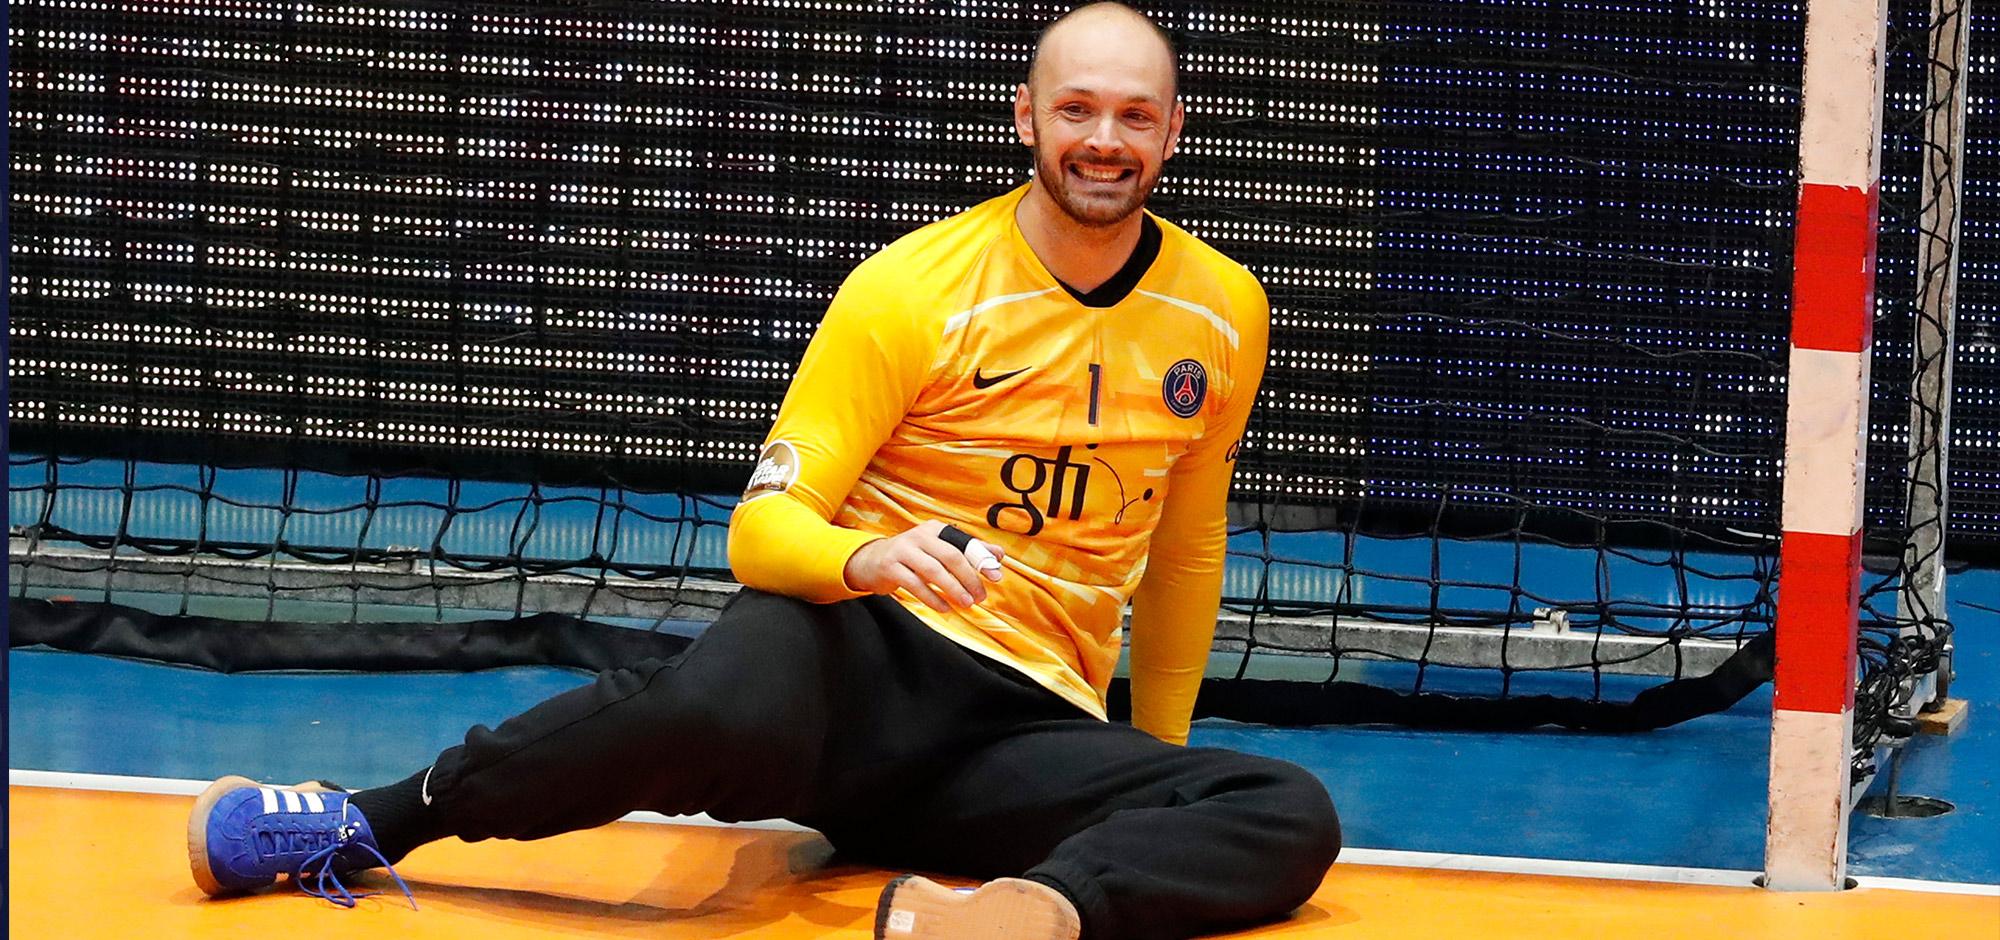 Le gardien de but international du PSG est également, depuis quelques mois, le président de l'Association des Joueurs Professionnels de Handball (AJPH).